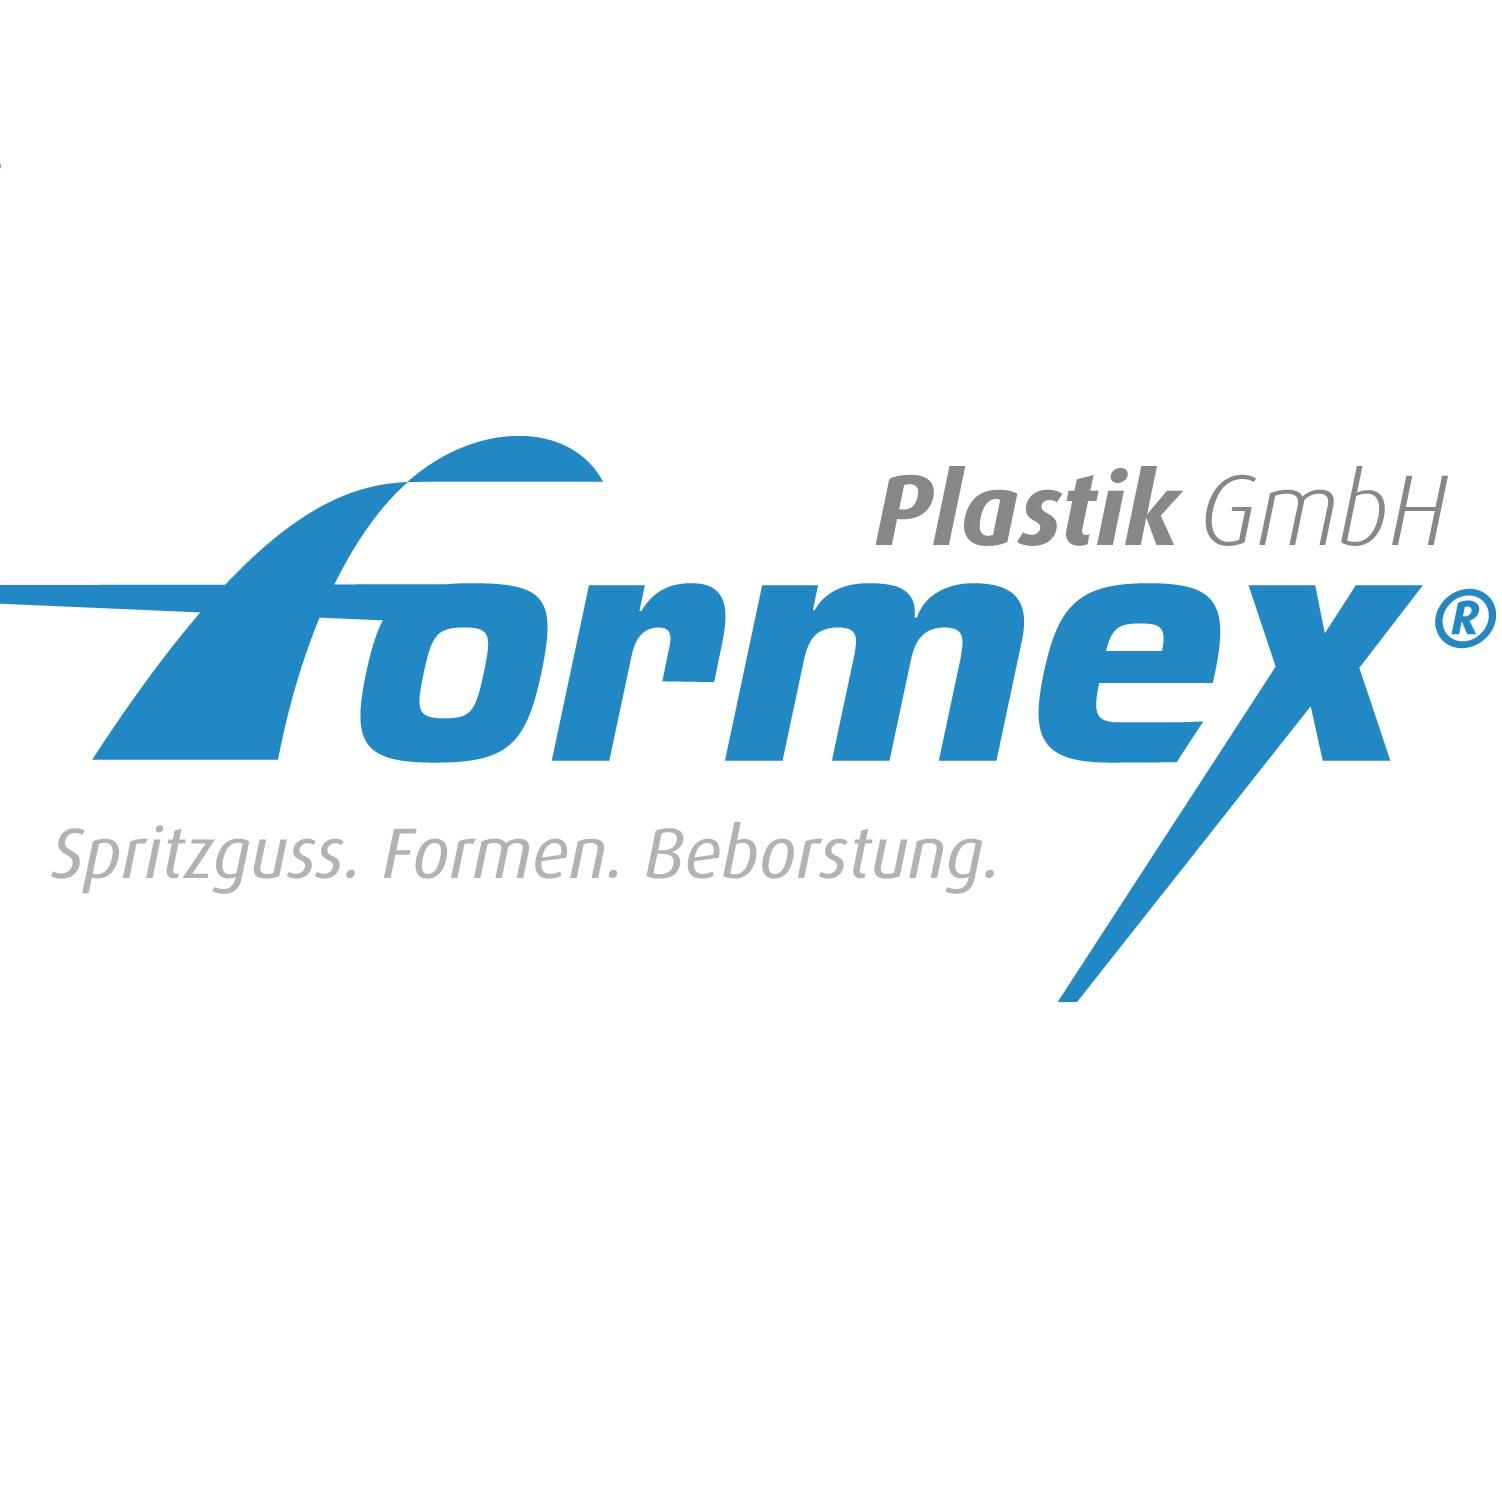 Formex Plastik GmbH